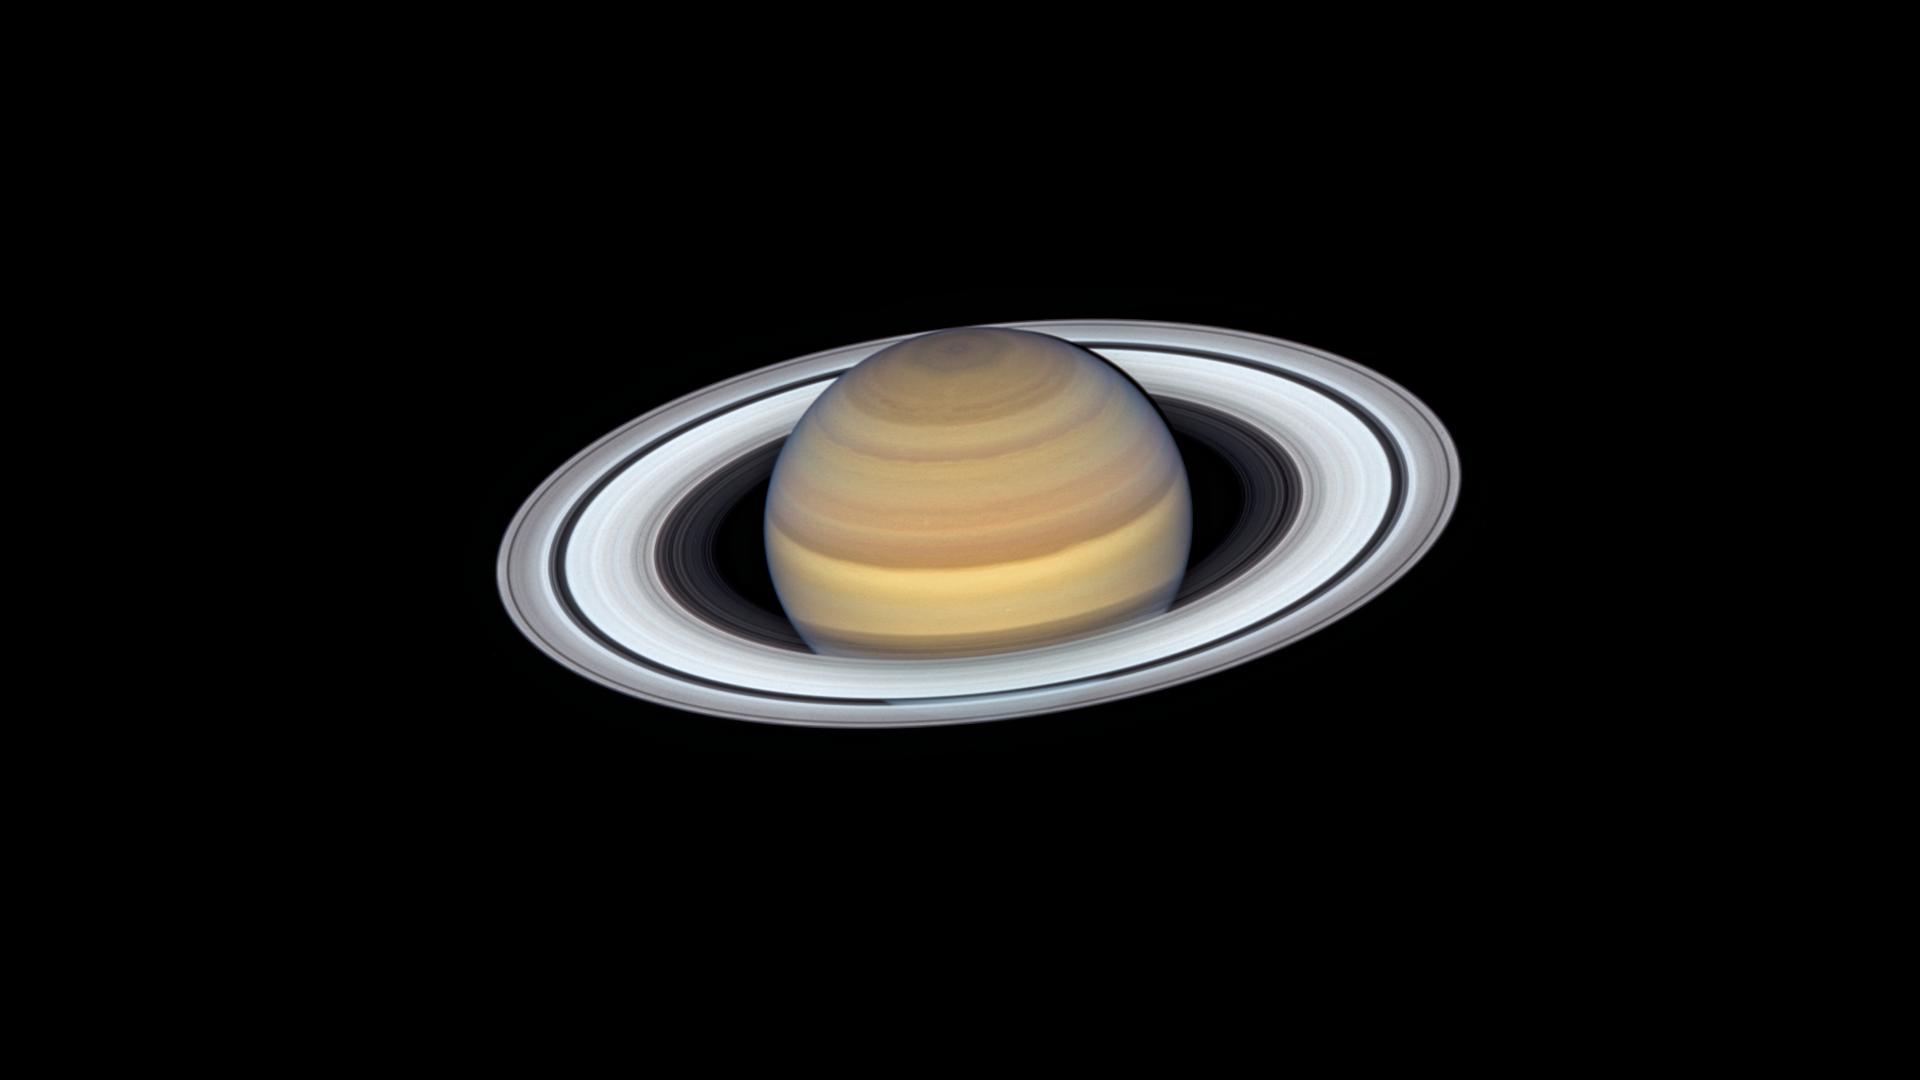 Gli anelli di Saturno  - Sputnik Italia, 1920, 17.08.2021